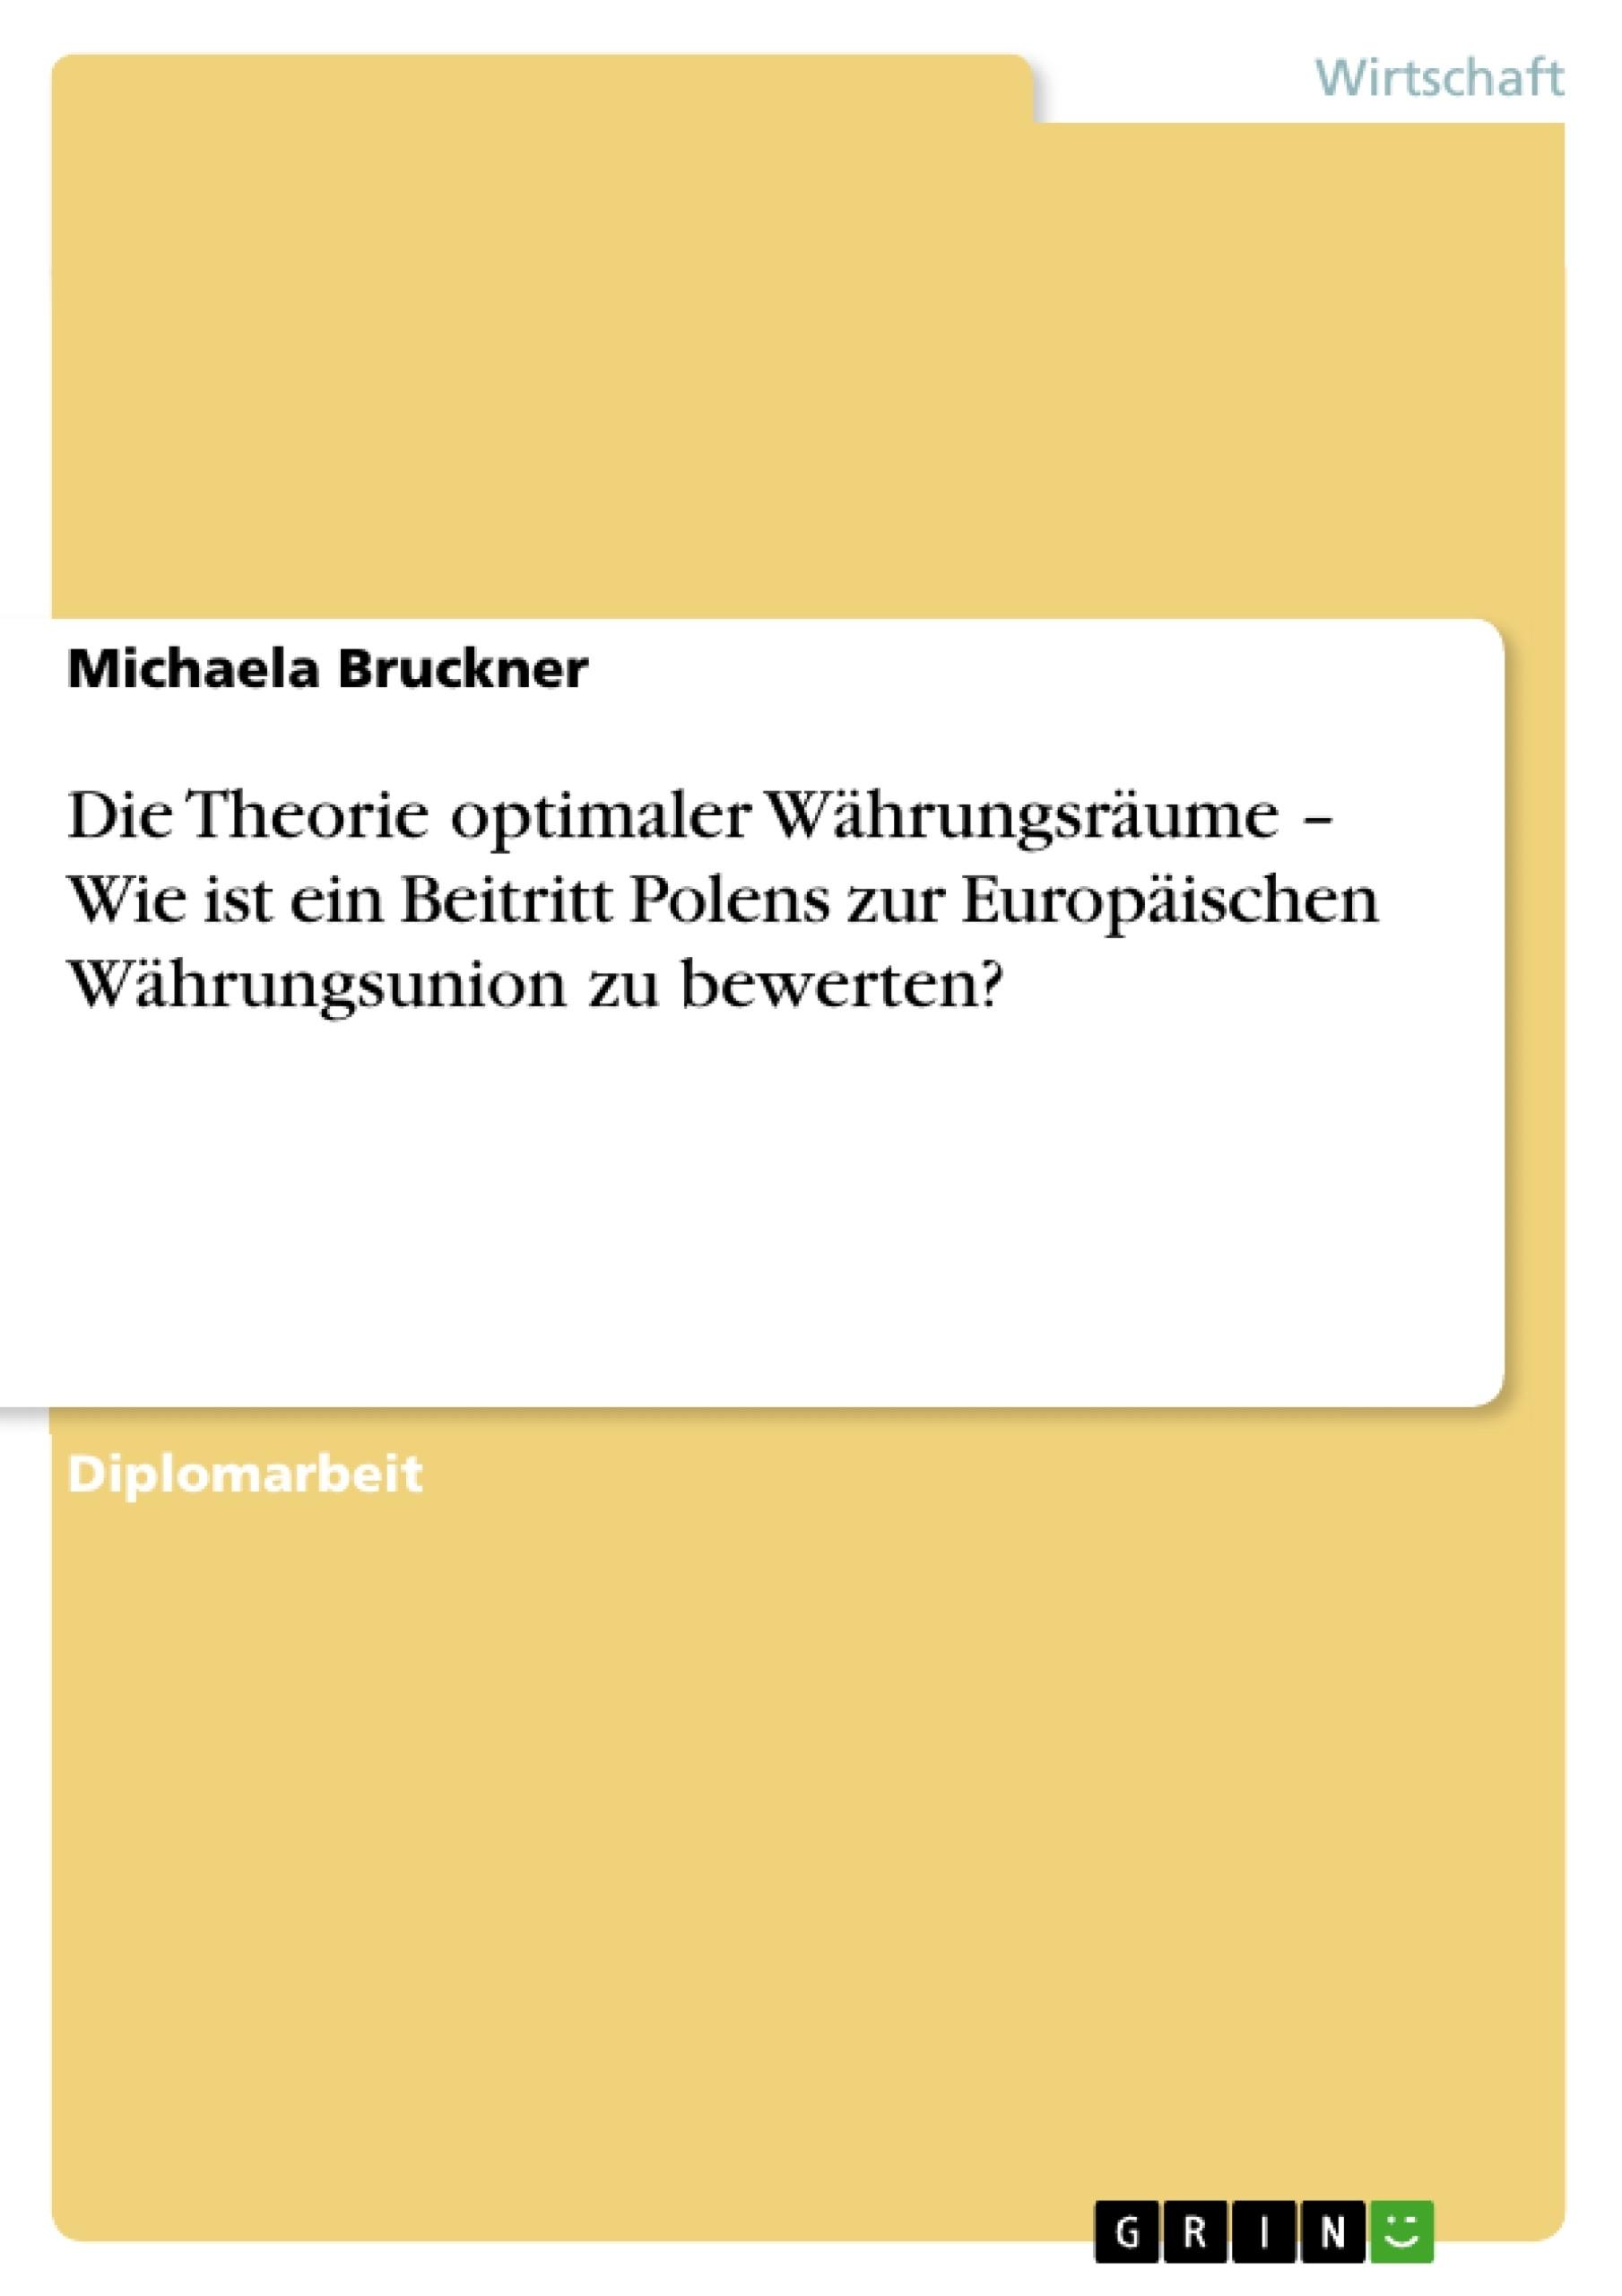 Titel: Die Theorie optimaler Währungsräume – Wie ist ein Beitritt Polens zur Europäischen Währungsunion zu bewerten?